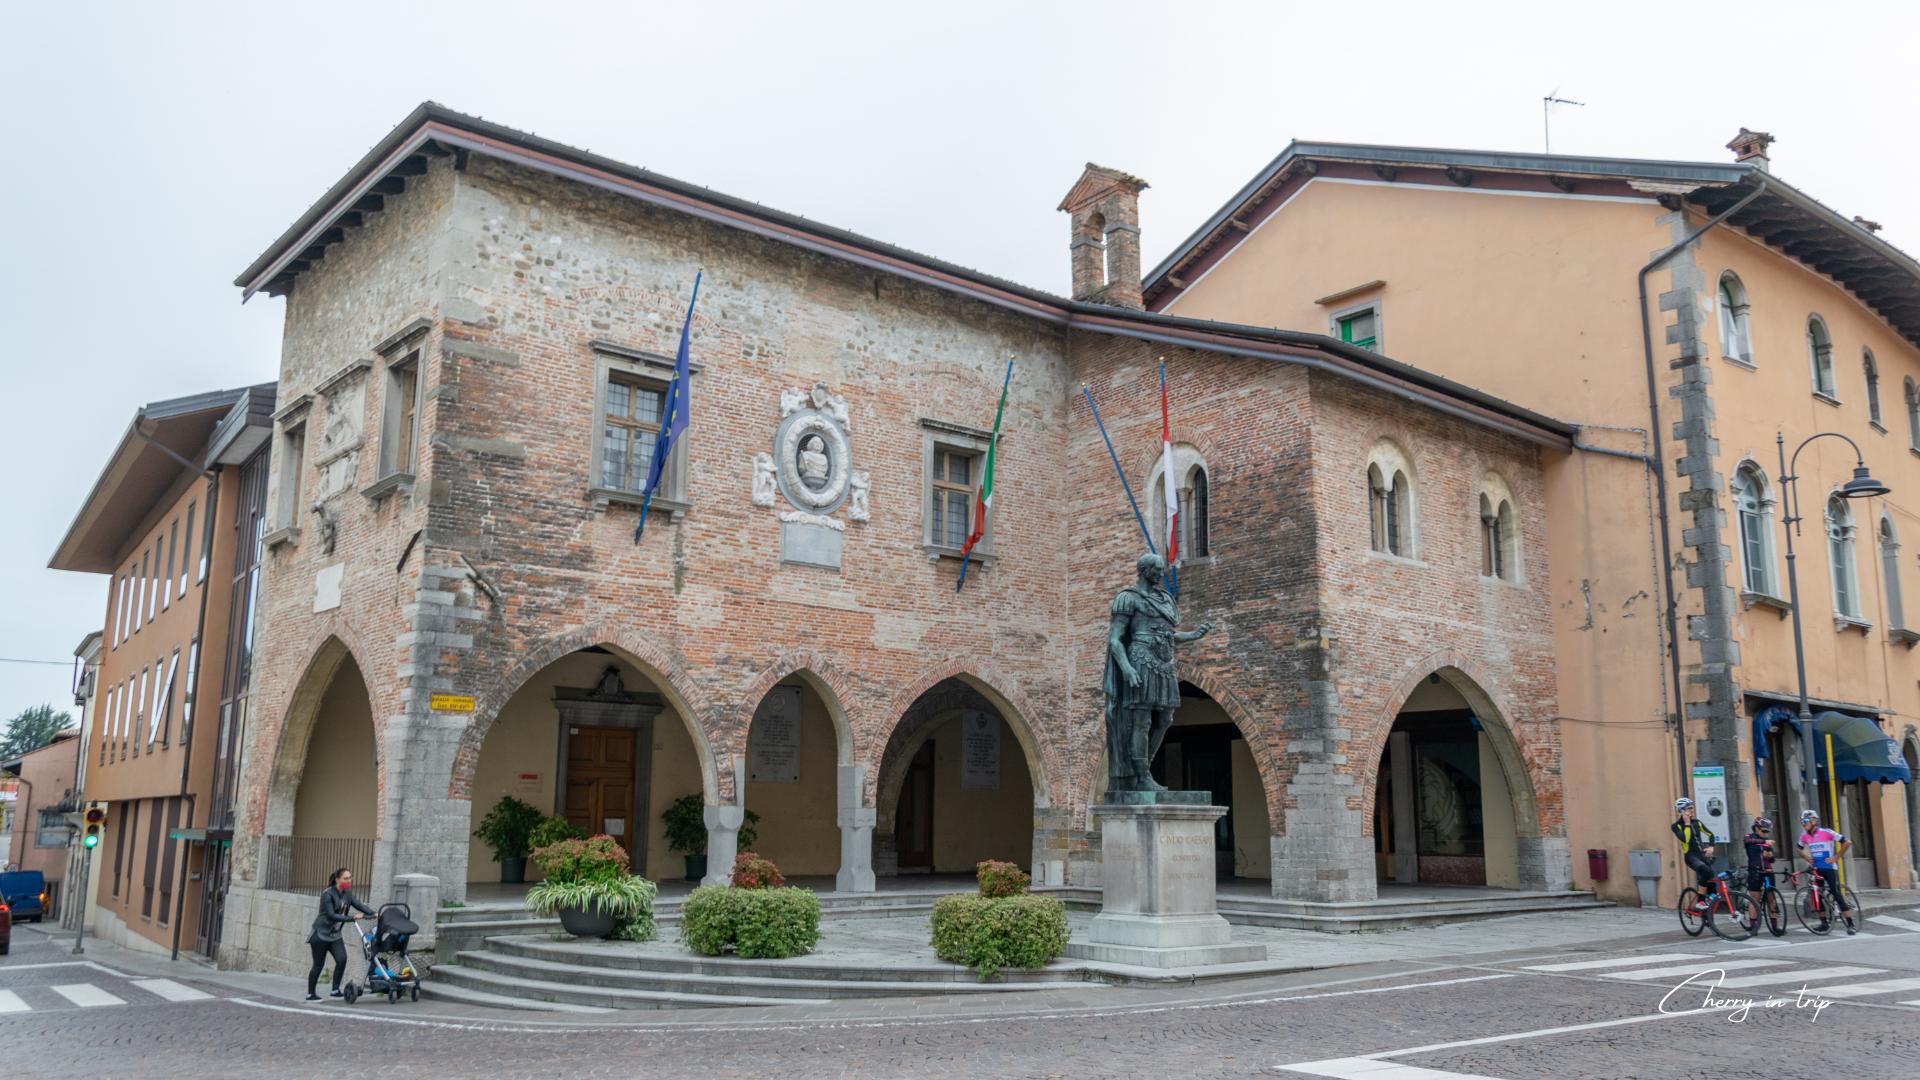 Palazzo Comunale - Cividale del Friuli